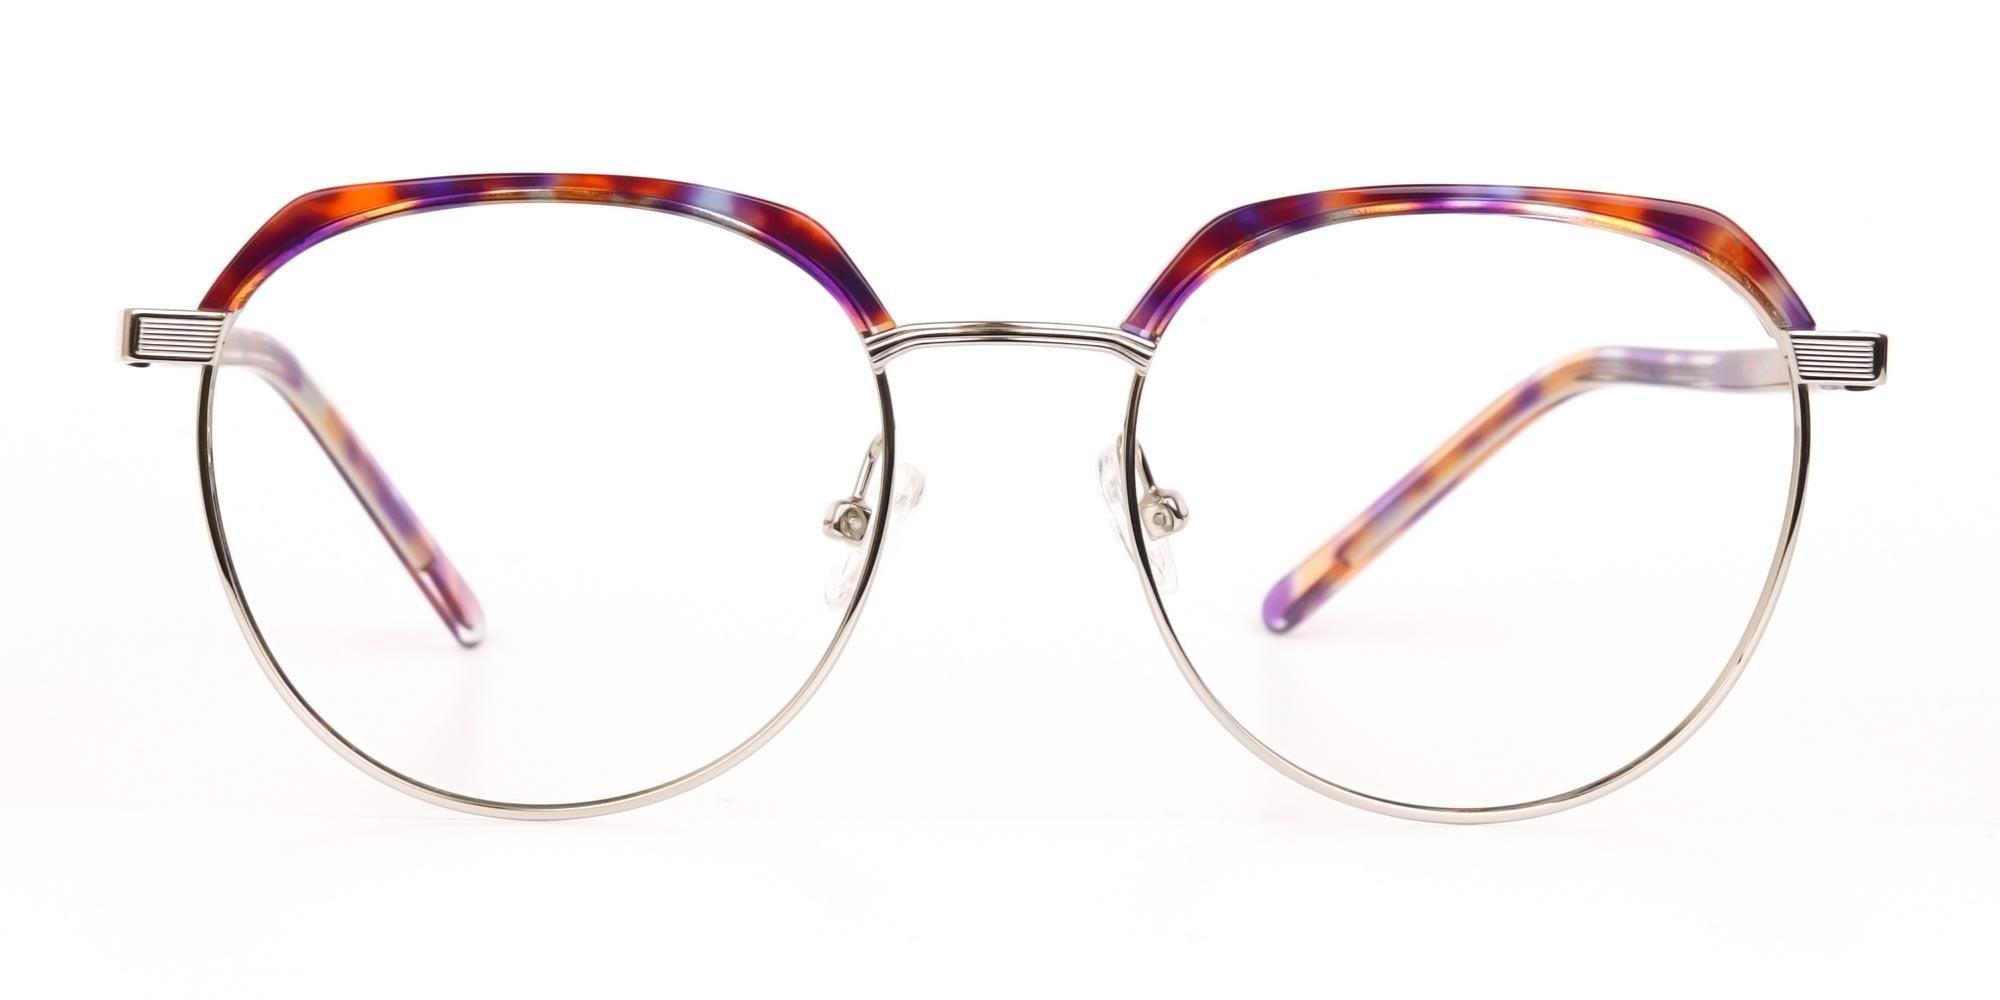 Passion Orange, Purple & Silver Glasses